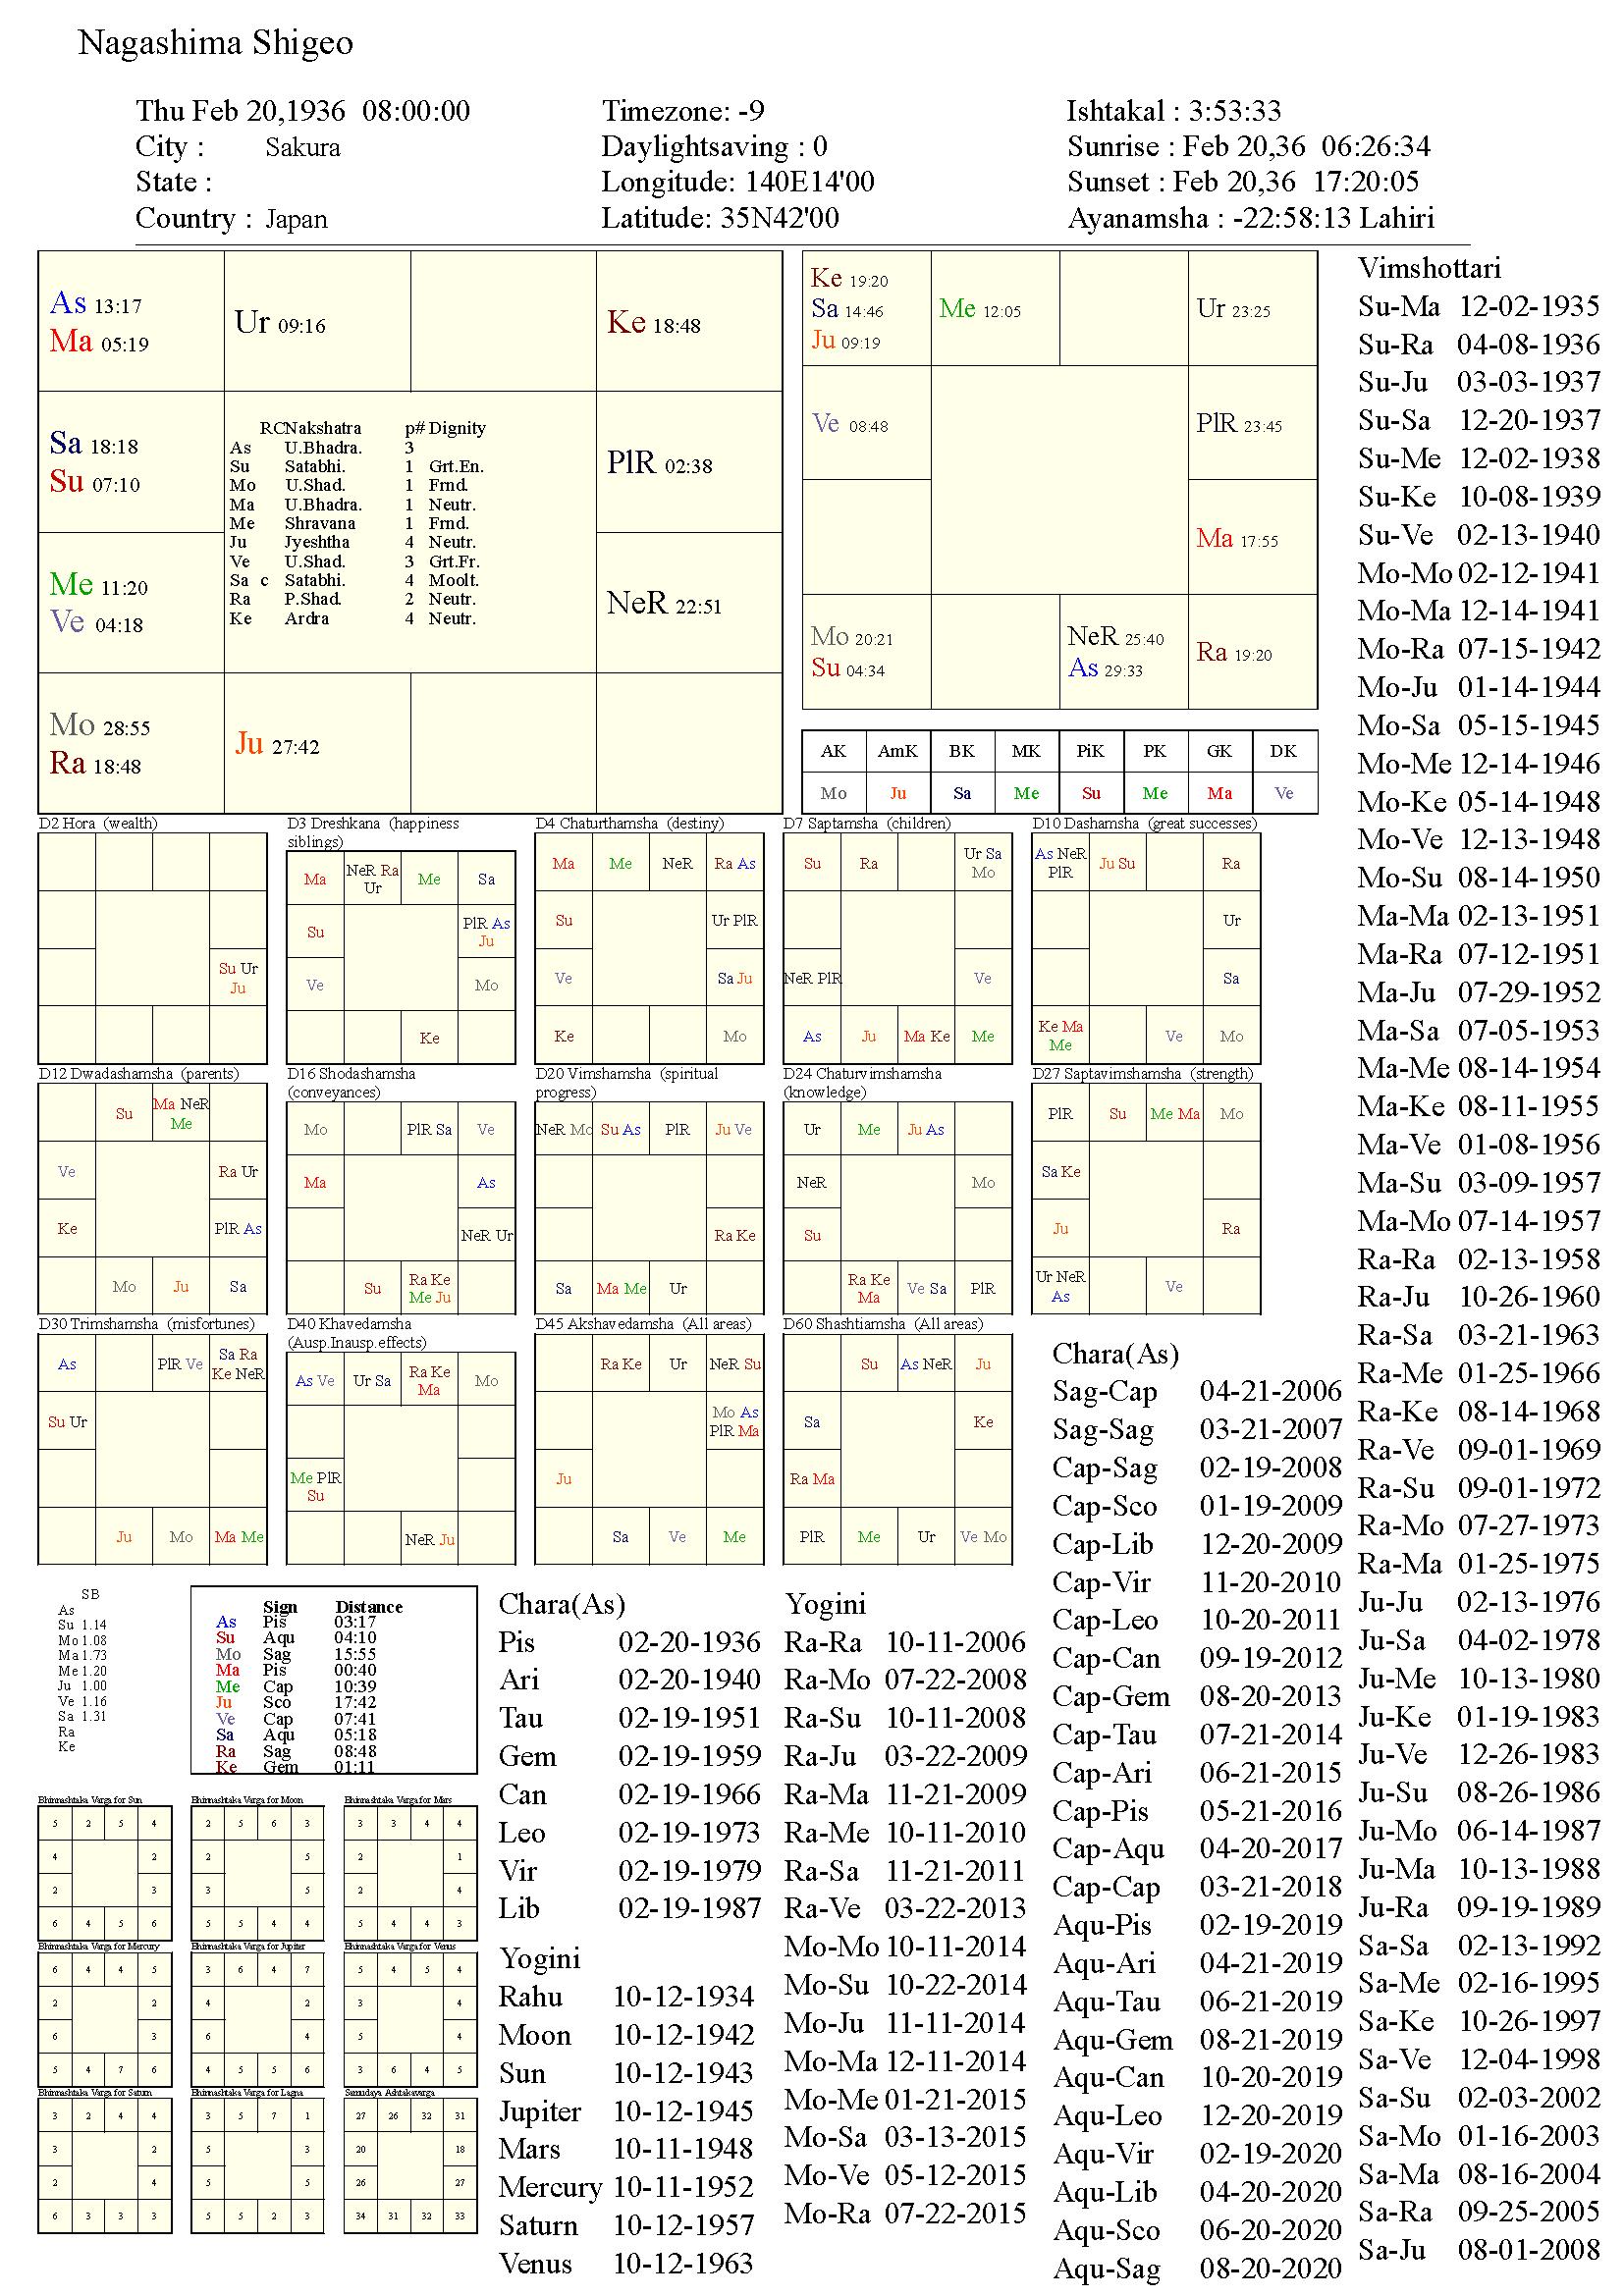 nagashimashigeo_chart